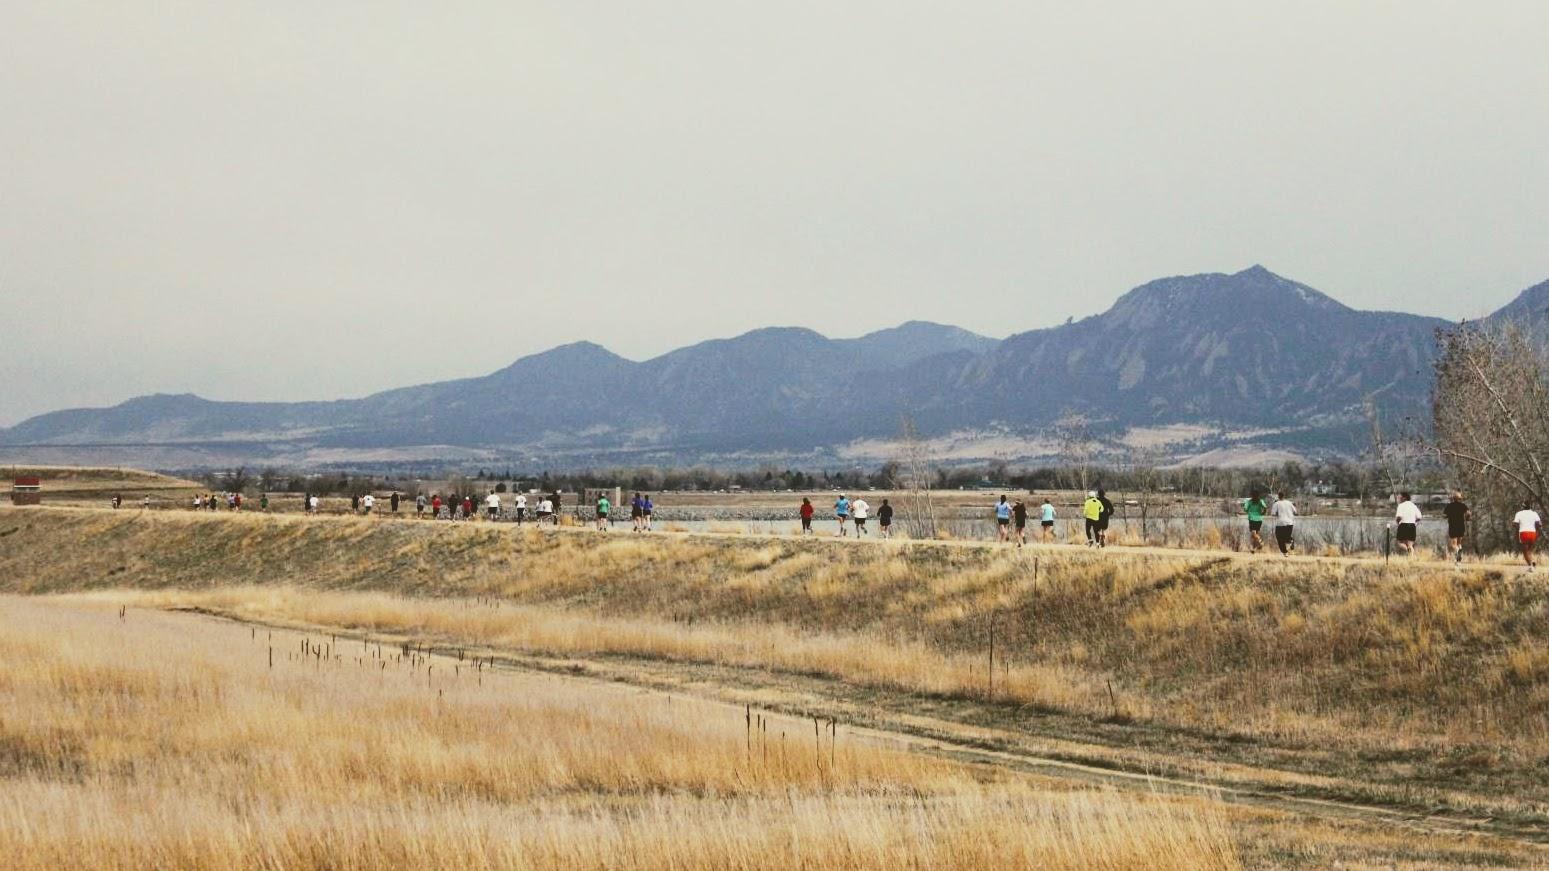 5k race in Boulder, CO